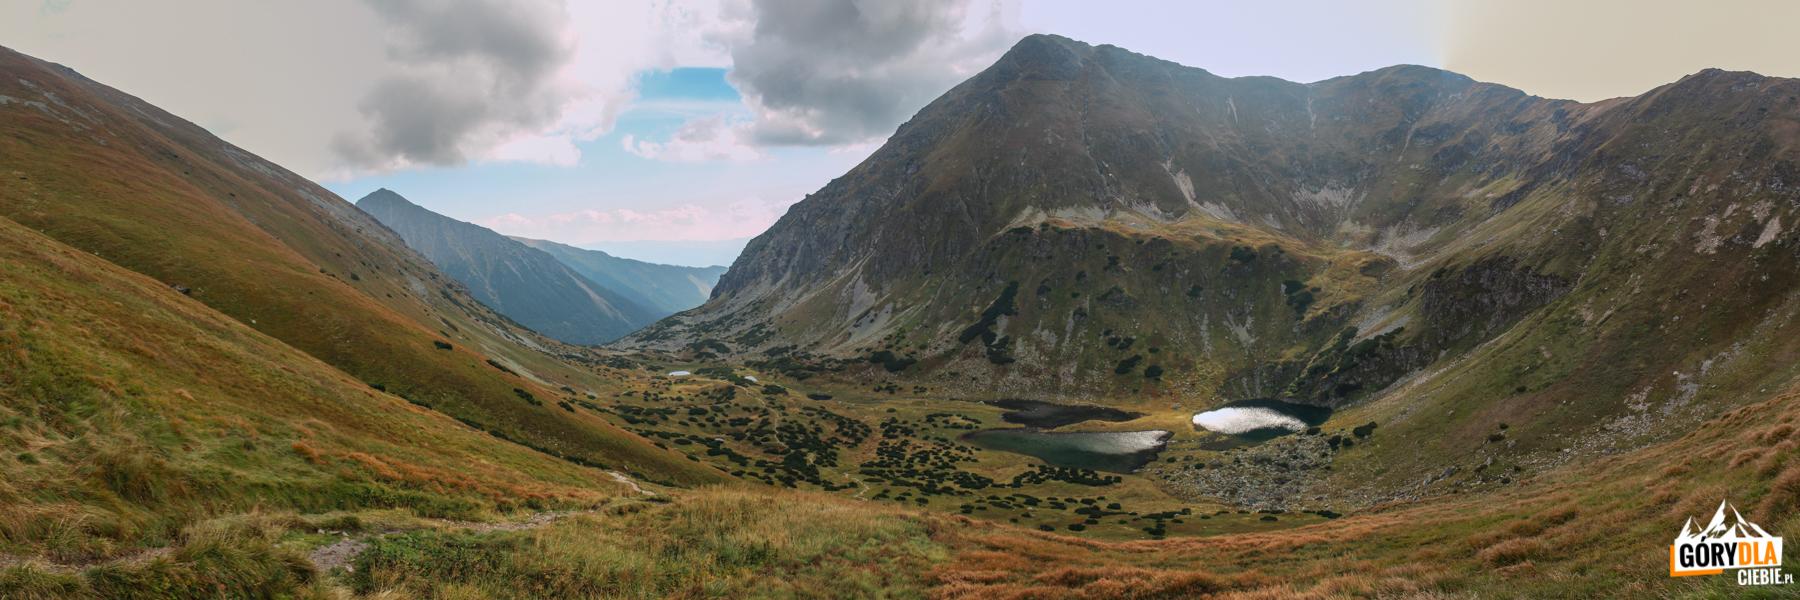 Zadnia Raczkowa Dolina zwidocznymi Raczkowymi Stawami igórującą nadnimi Raczkową Czubę (słow. Jakubina, 2194 m)